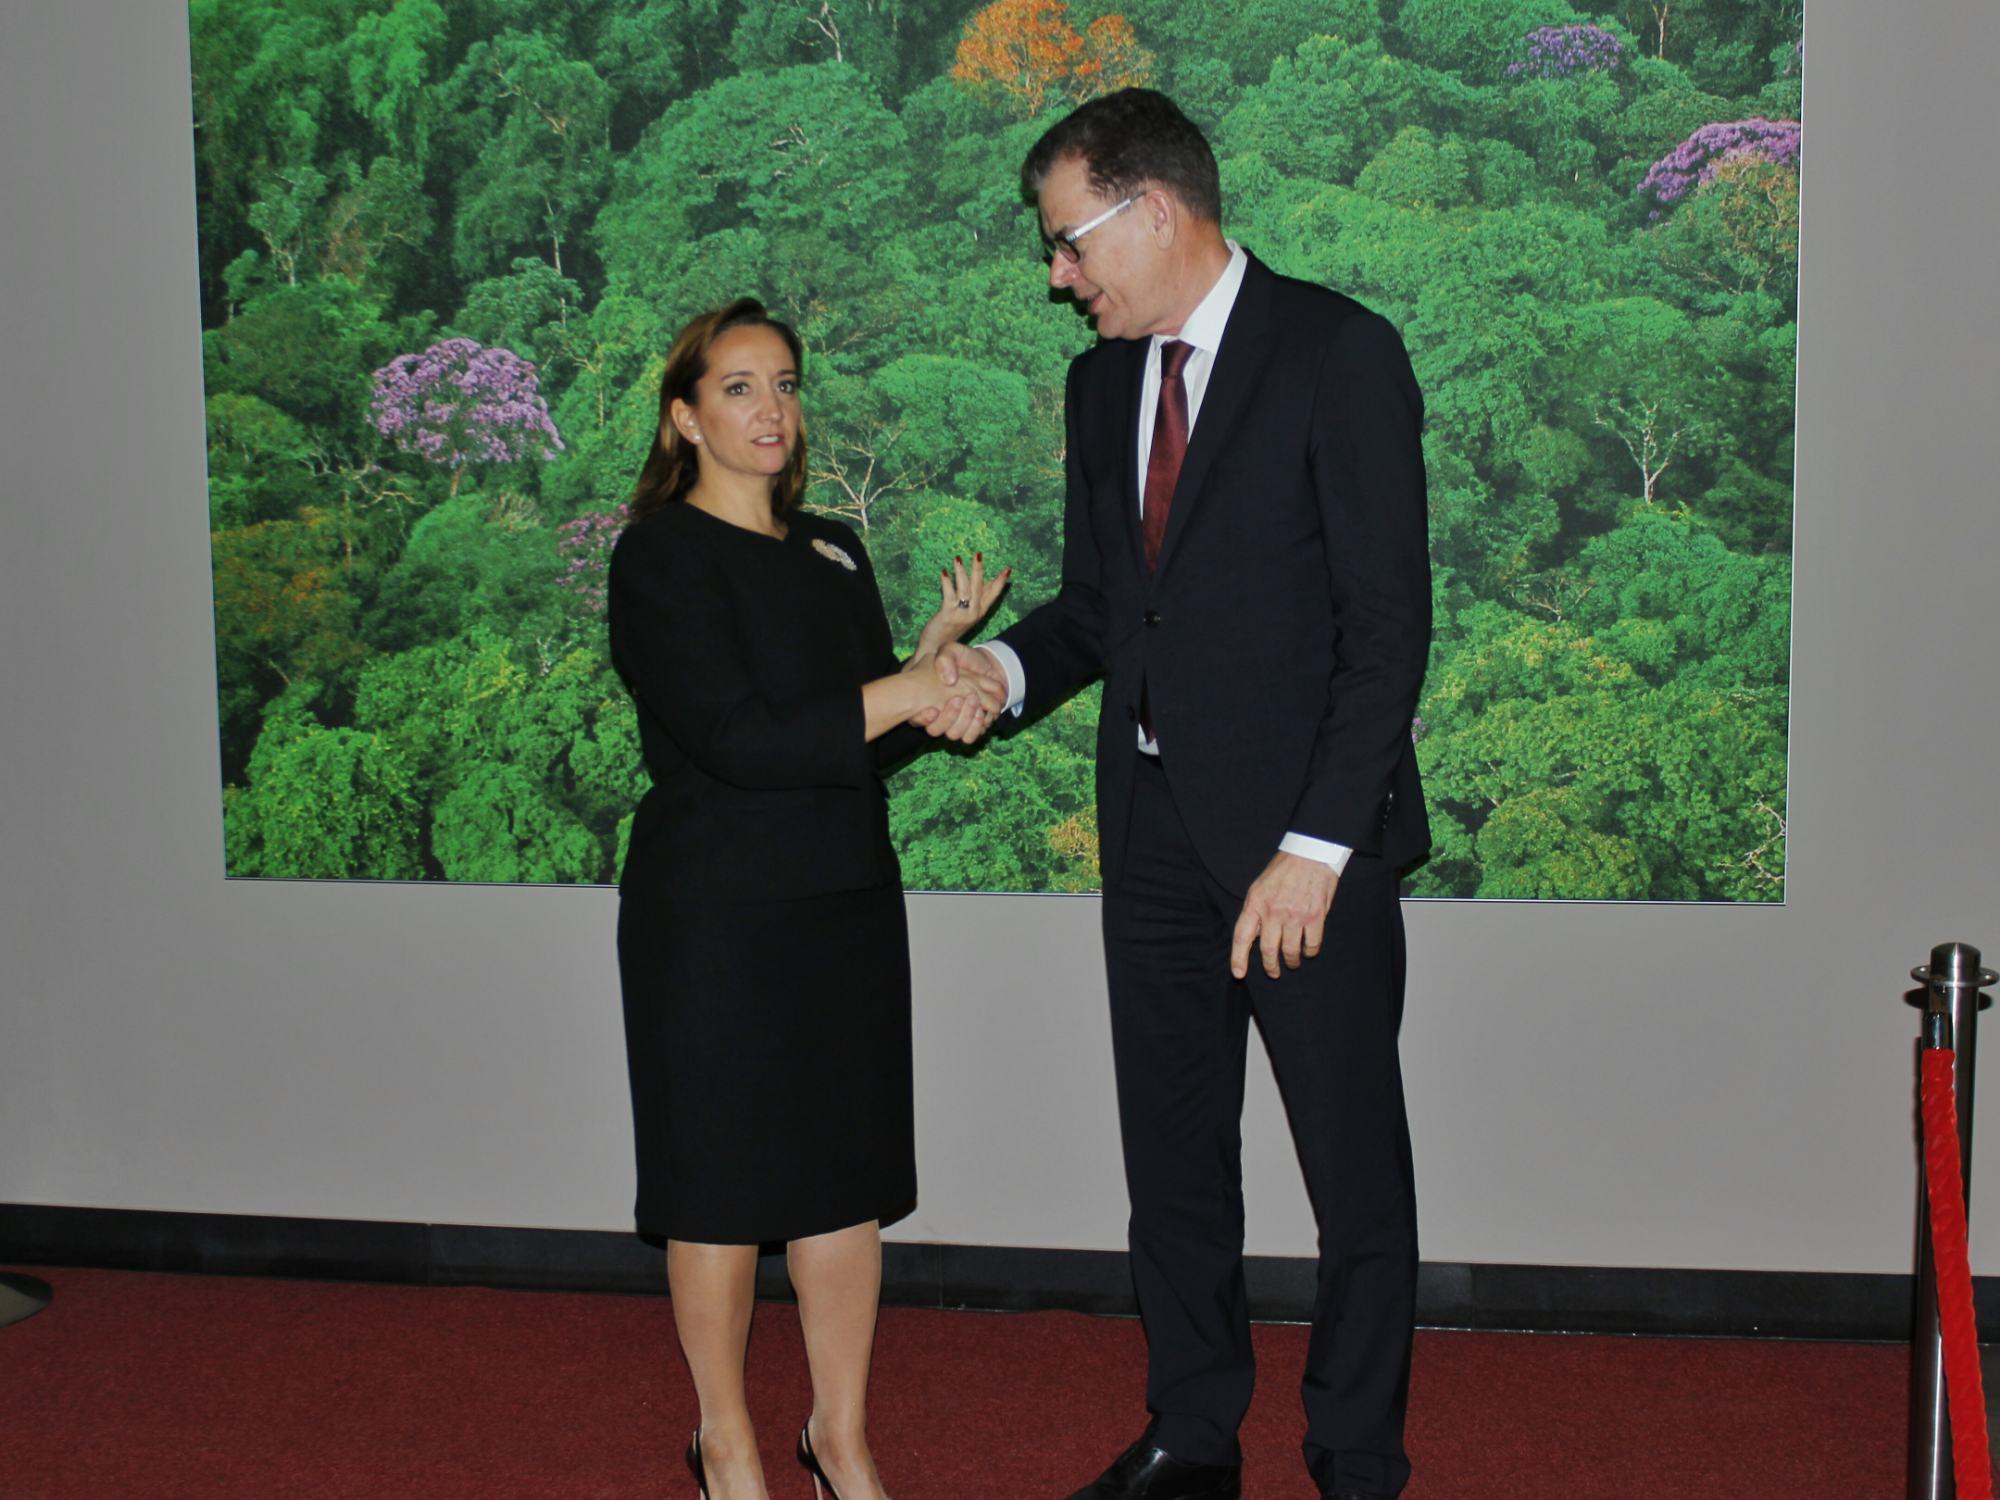 FOTO 4 Canciller Claudia Ruiz Massieu con el Ministro Federal de Cooperaci n Econ mica y Desarrollo  Gerd M llerjpg